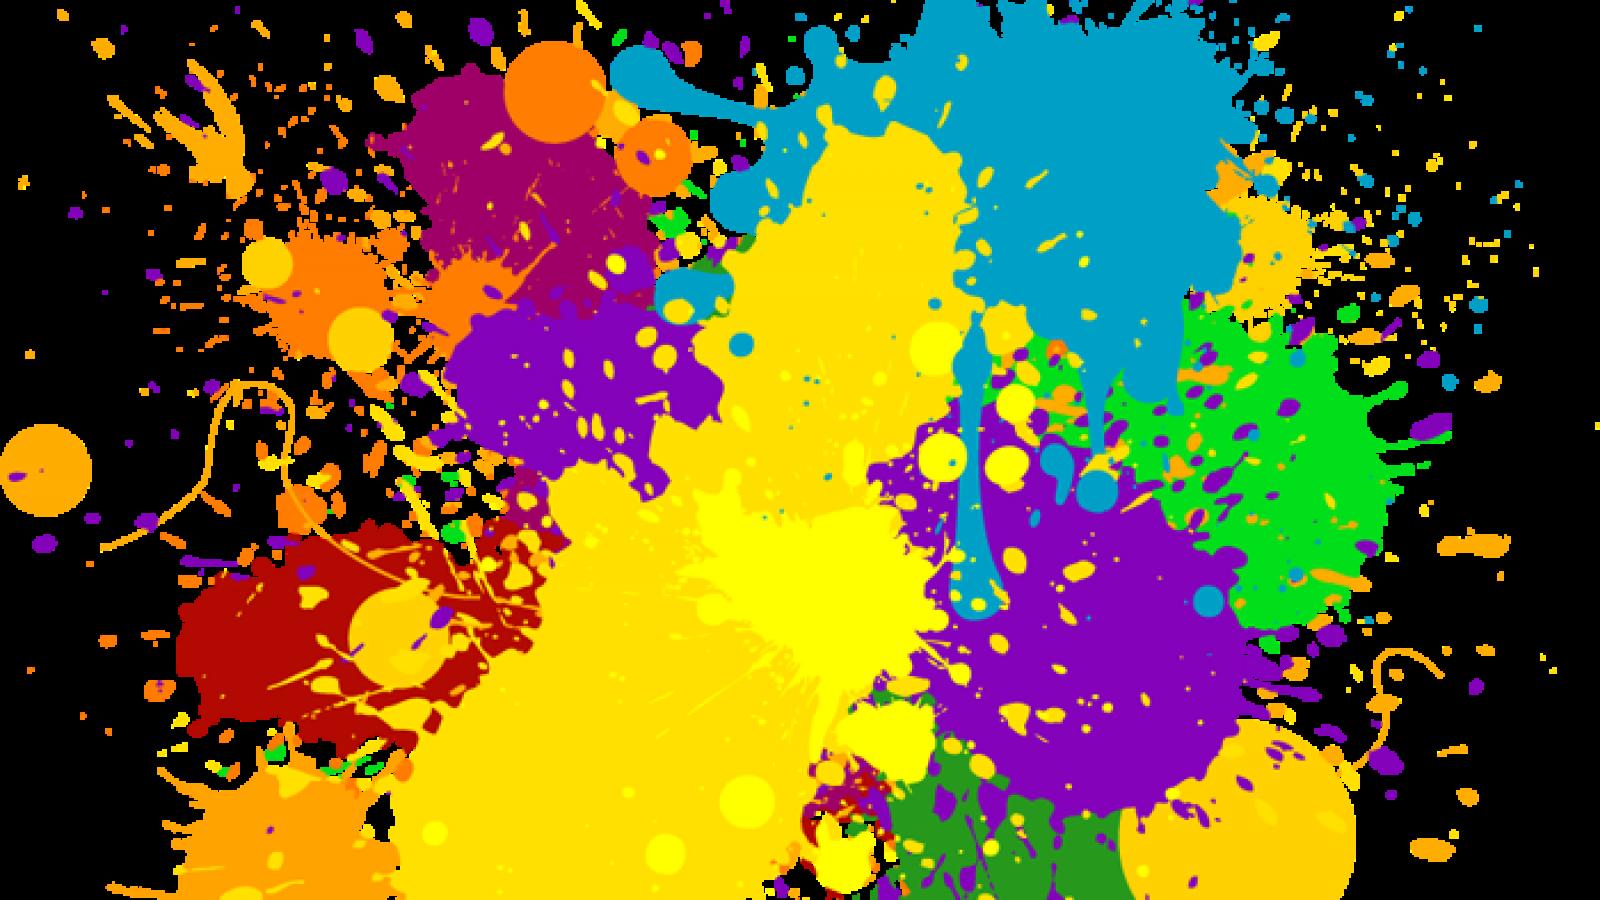 kisspng-color-ink-clip-art-holi-5abb2fdf928ab8.9530117515222169276003